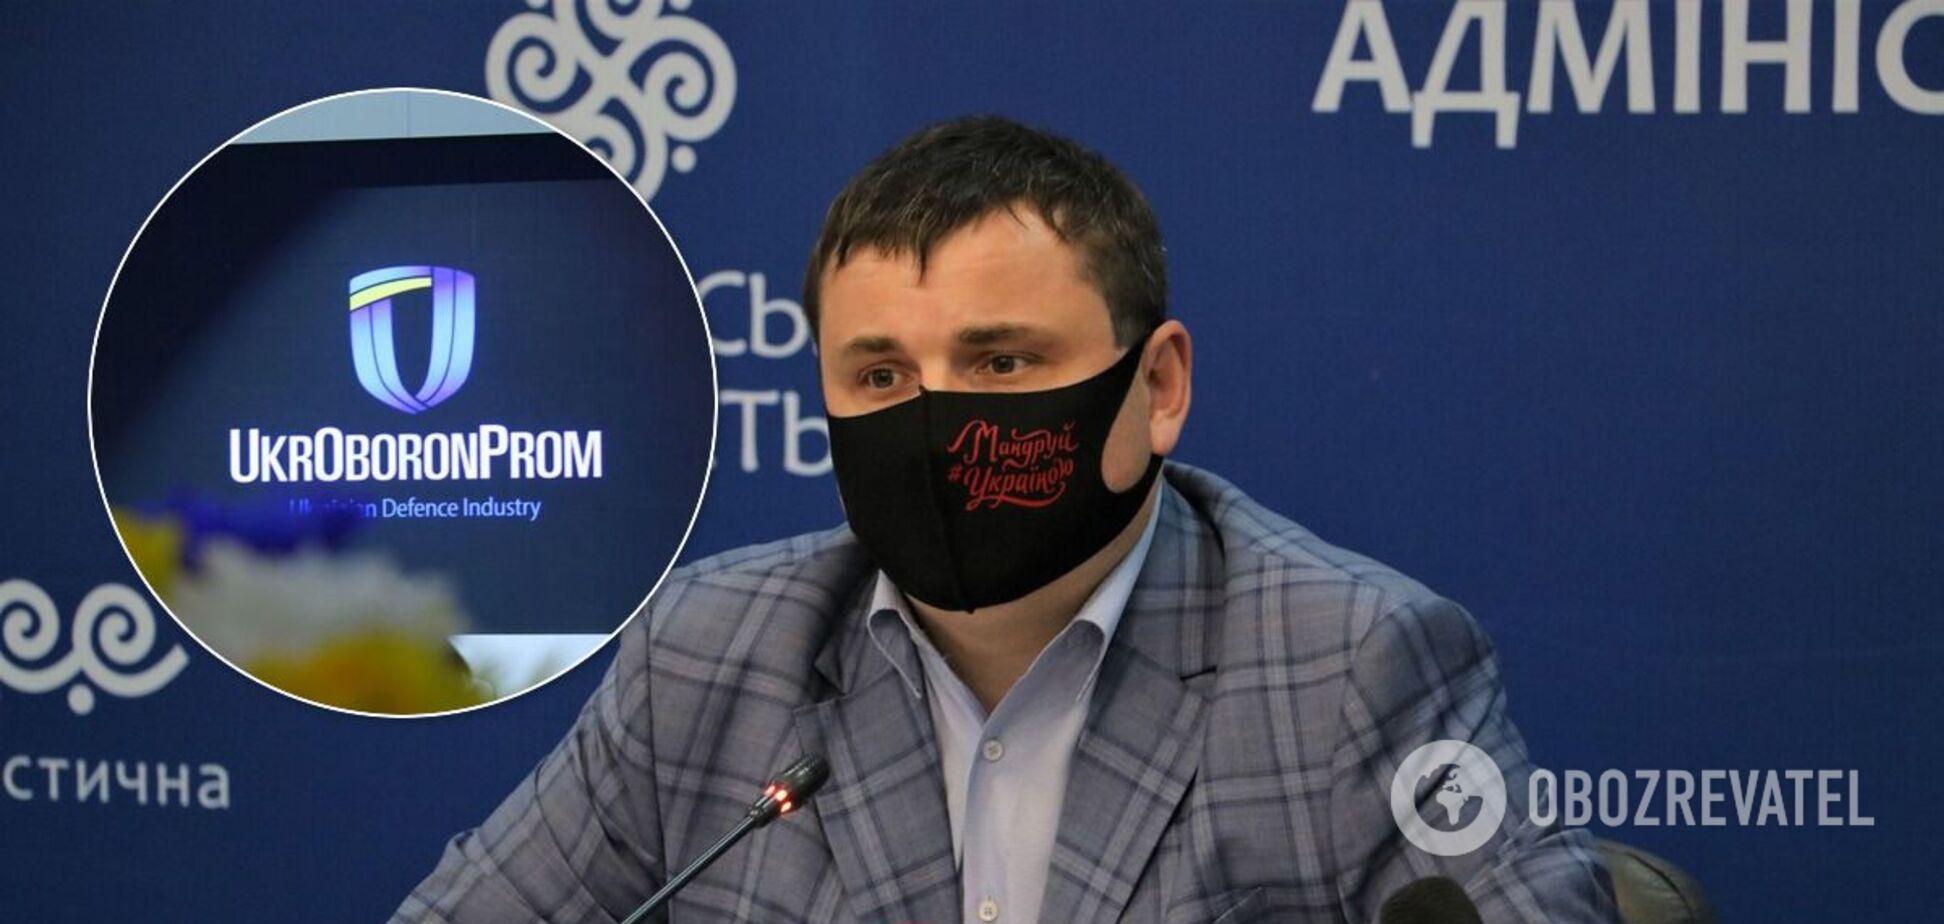 Глава Херсонской ОГА Гусев возглавил 'Укроборонпром' – СМИ